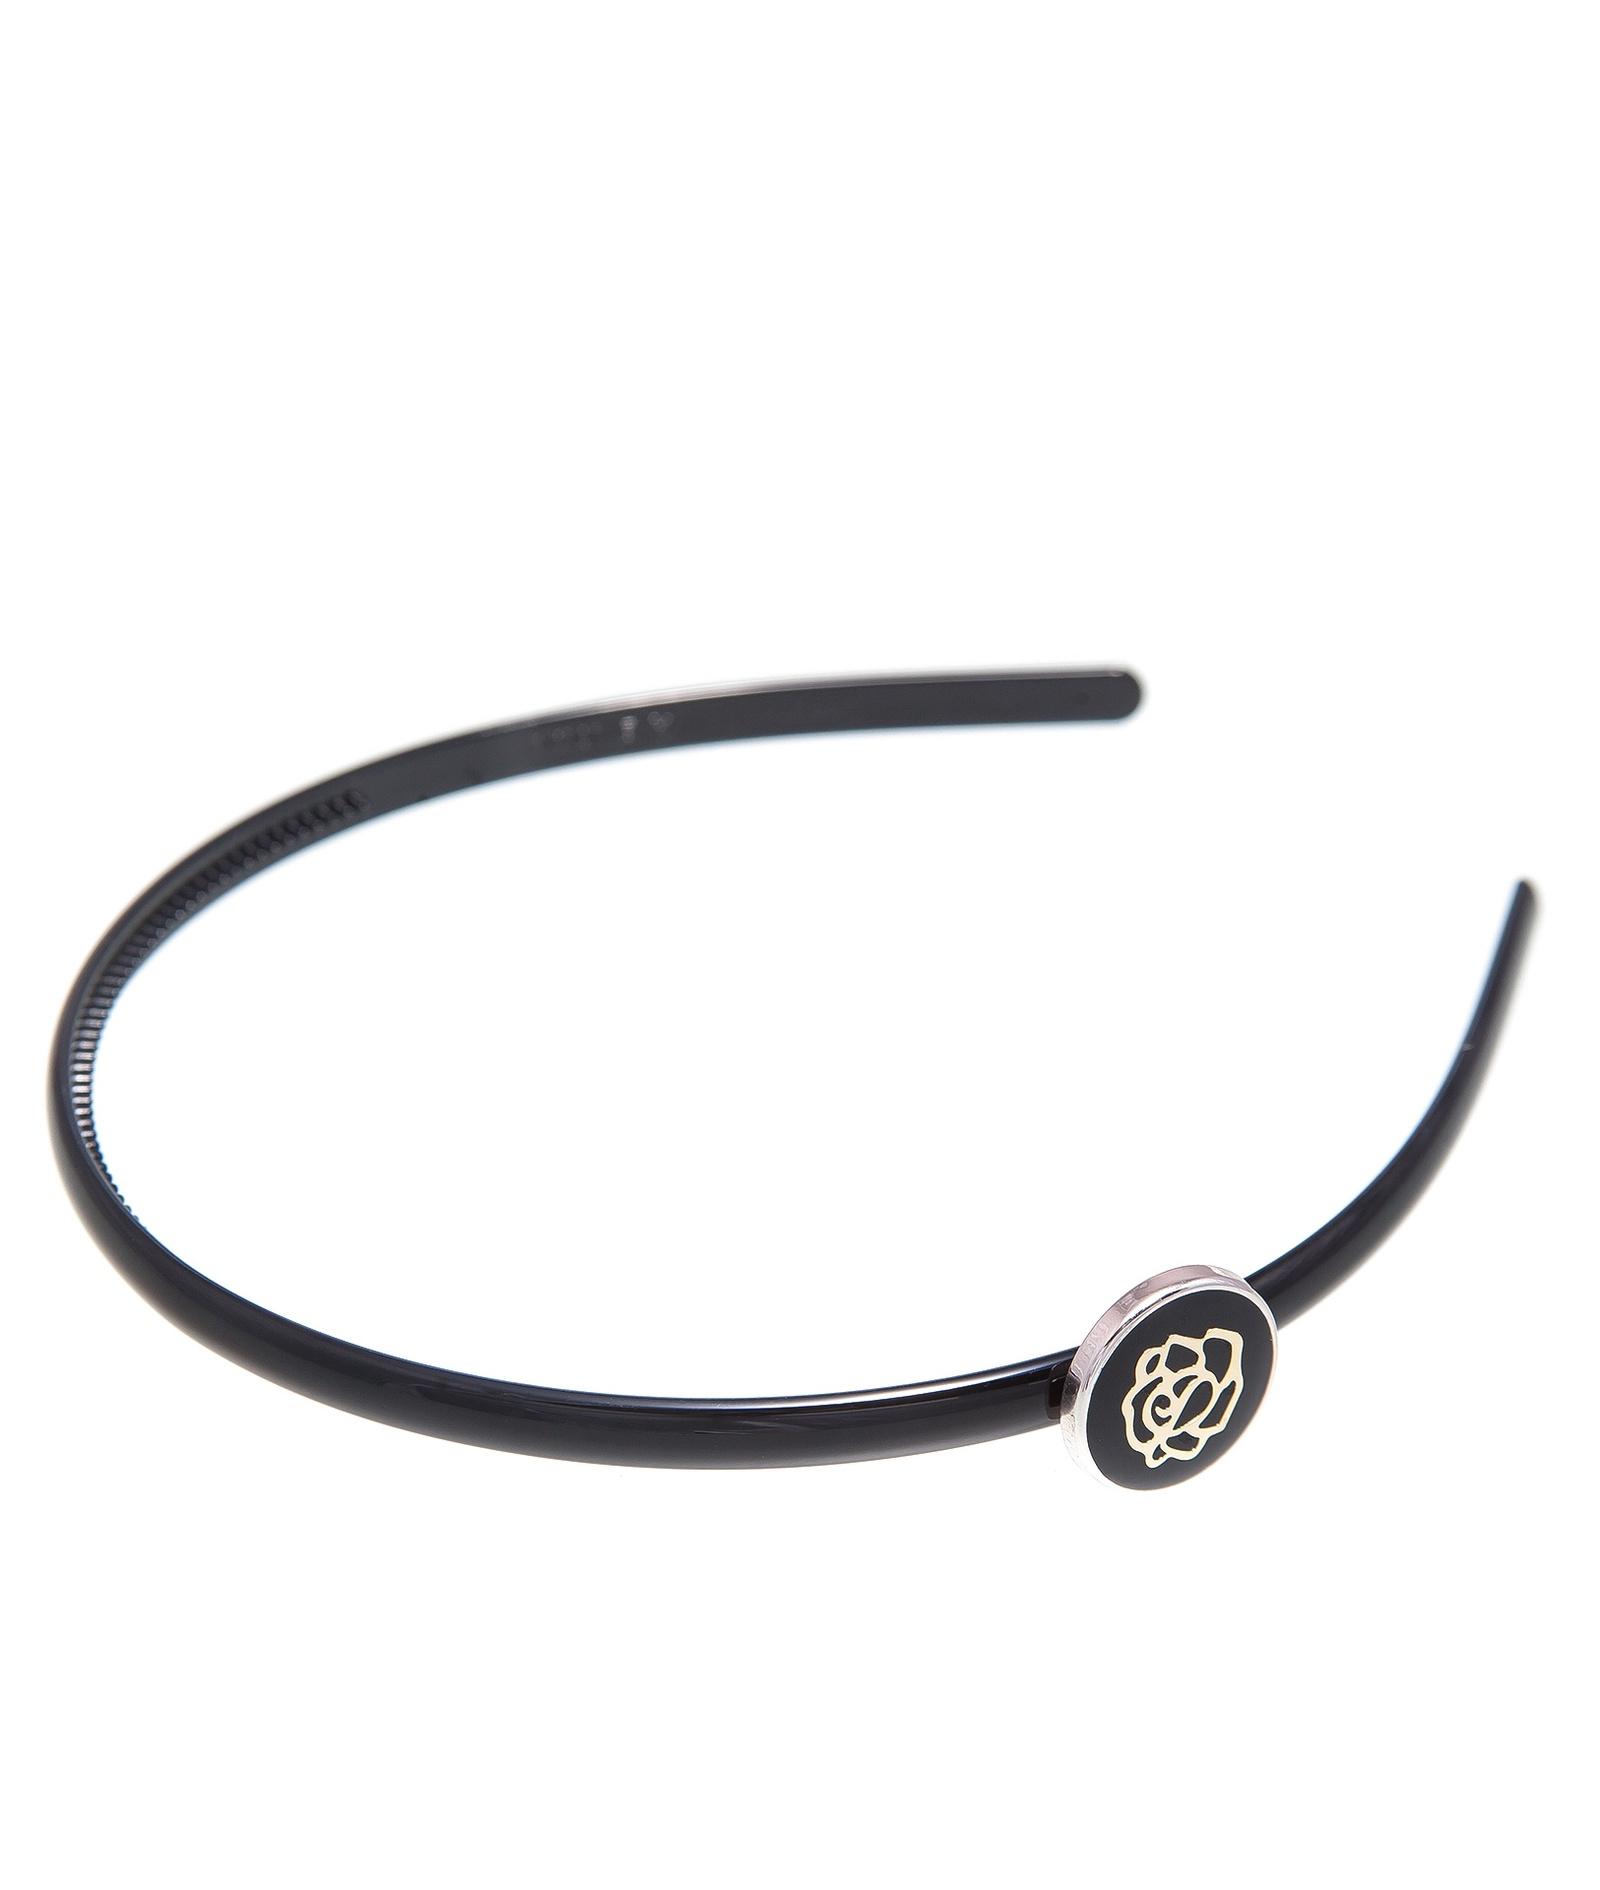 Ободок женский Kameo-bis, HO810055, черныйHO810055Размер 35 х 1 см, диаметр украшения 2 см, пластиковый каркас. Состав: сплав на основе латуни, пластик